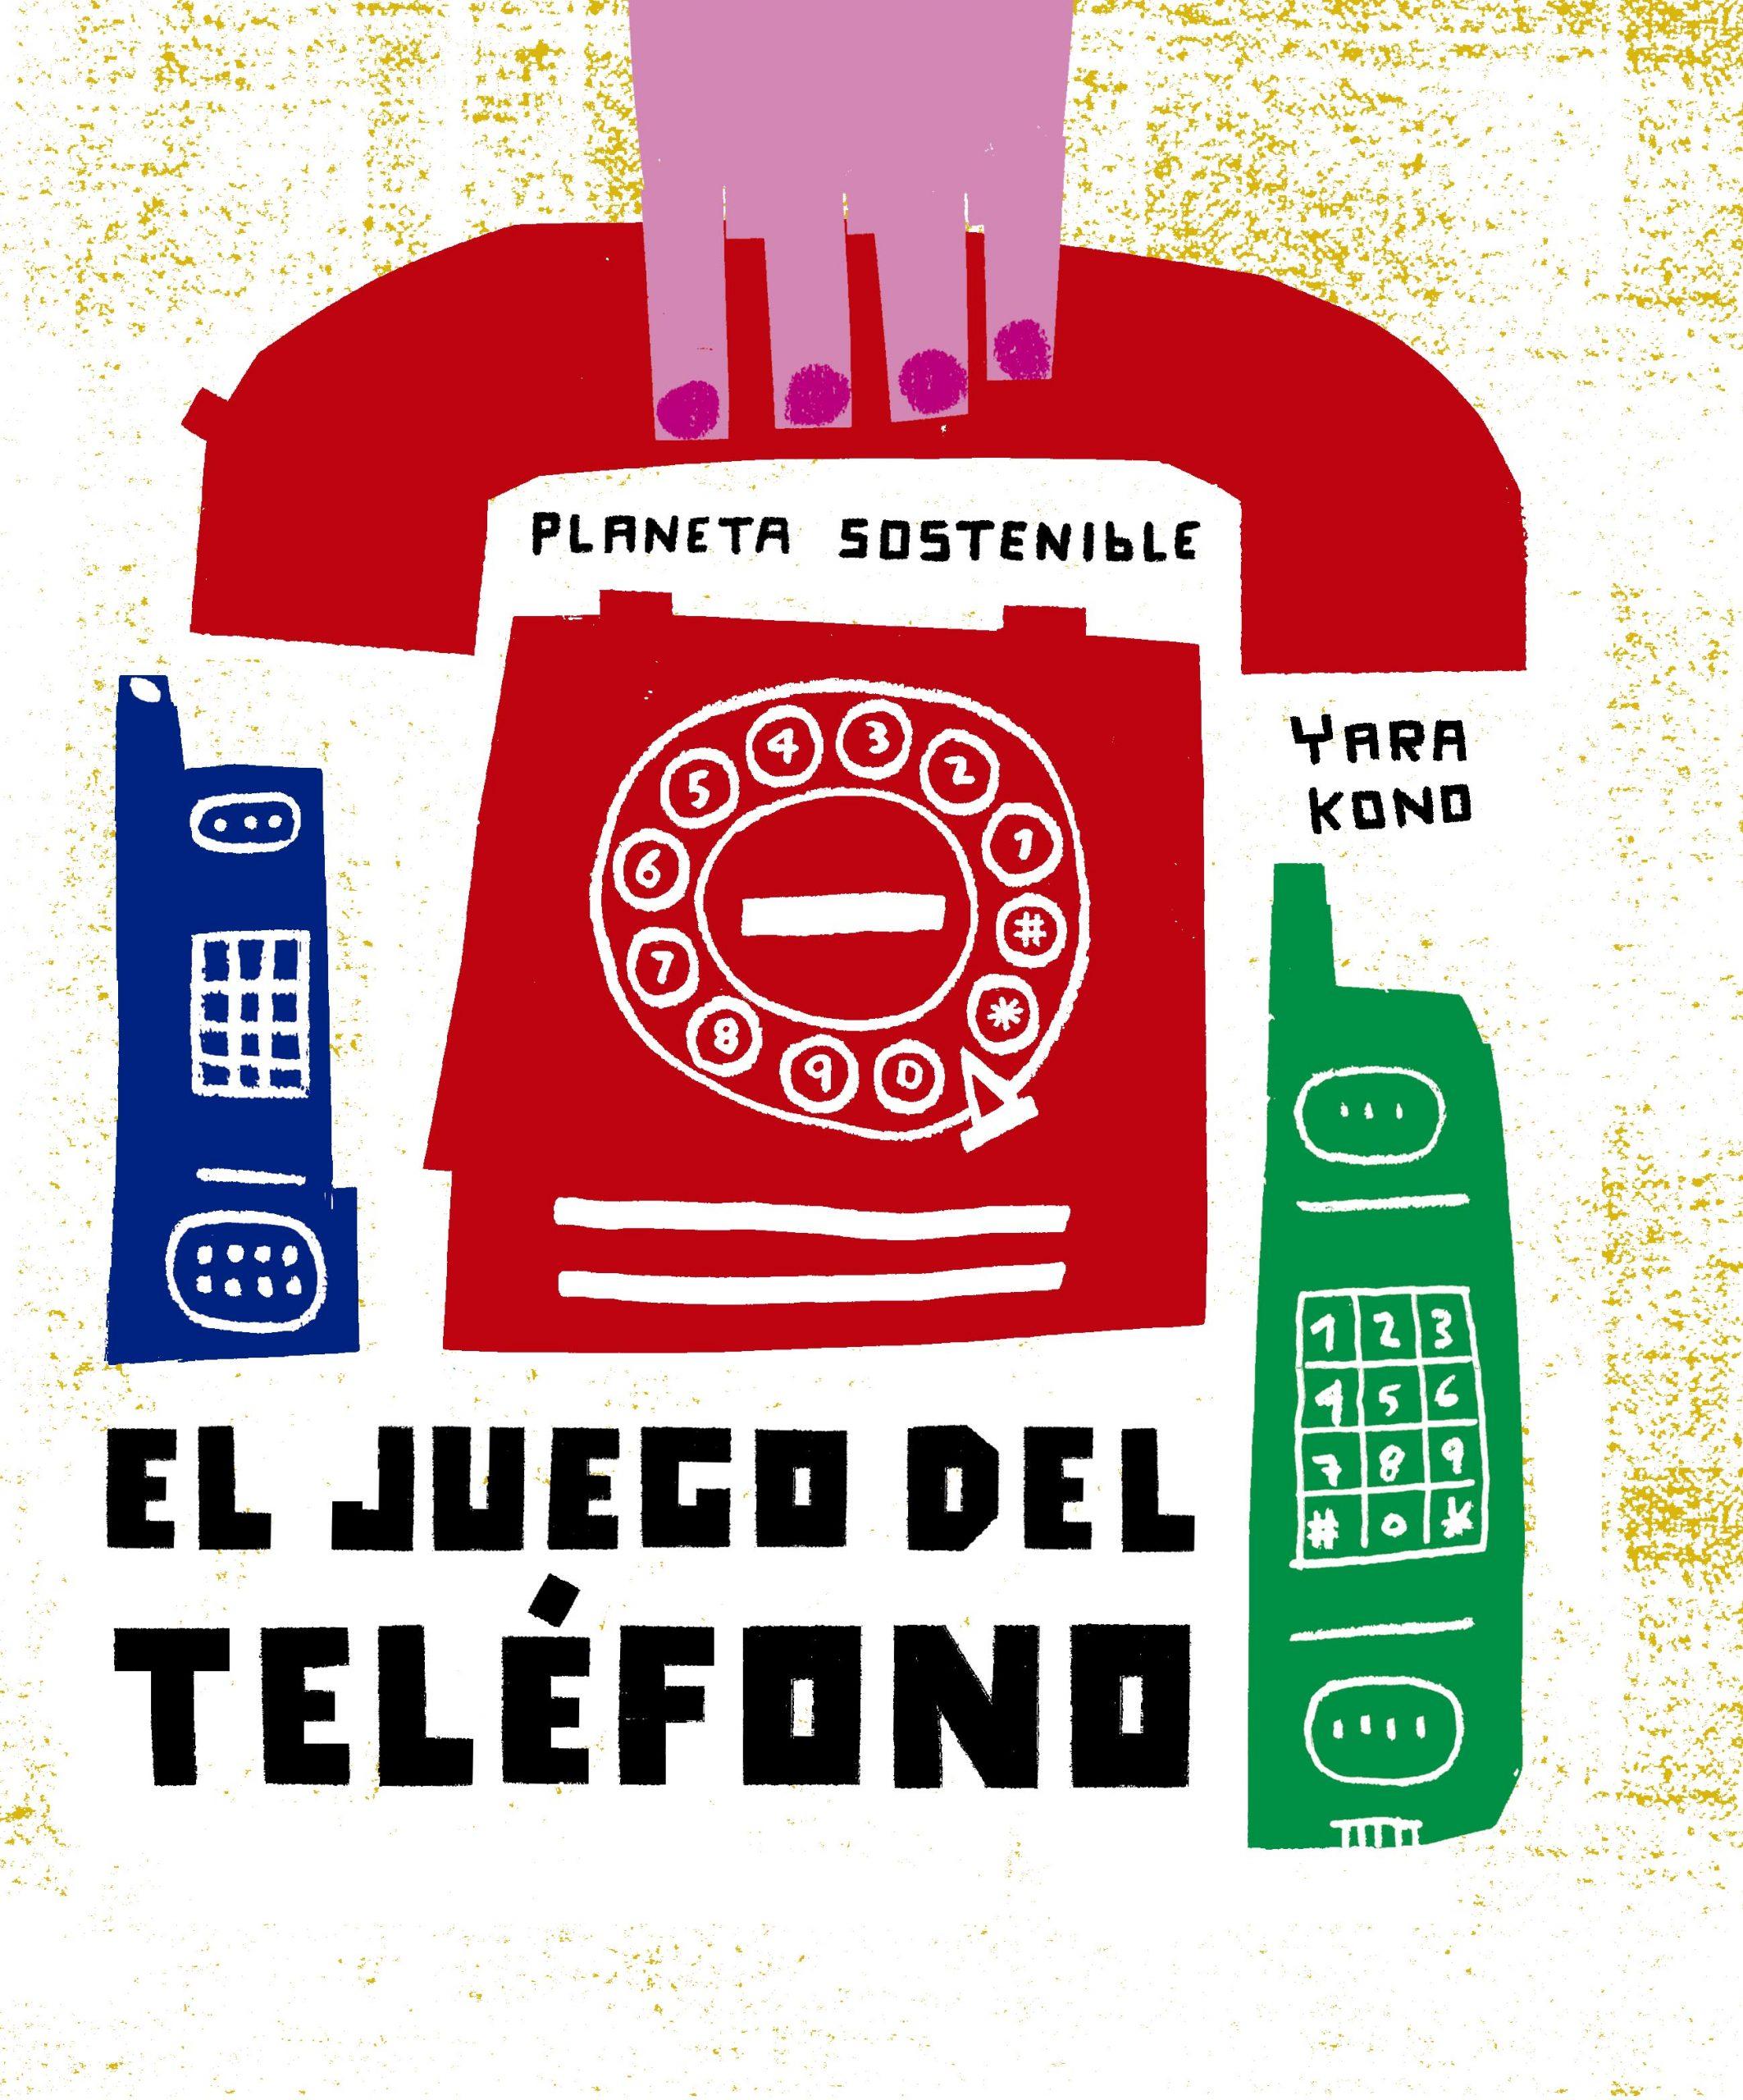 EL JUEGO DEL TELEFONO